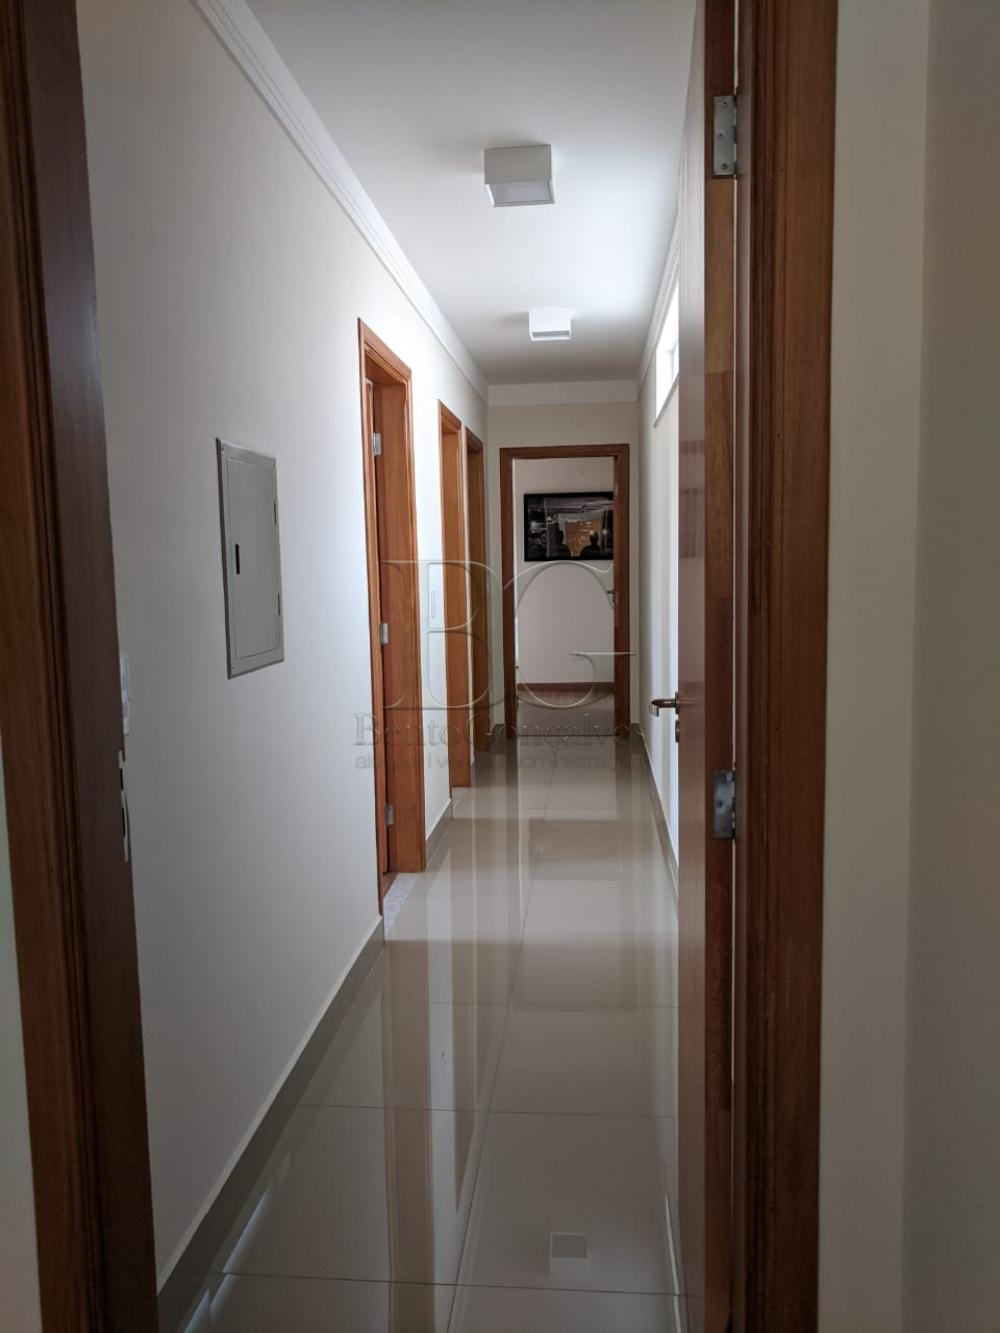 Comprar Apartamentos / Padrão em Poços de Caldas apenas R$ 670.000,00 - Foto 8